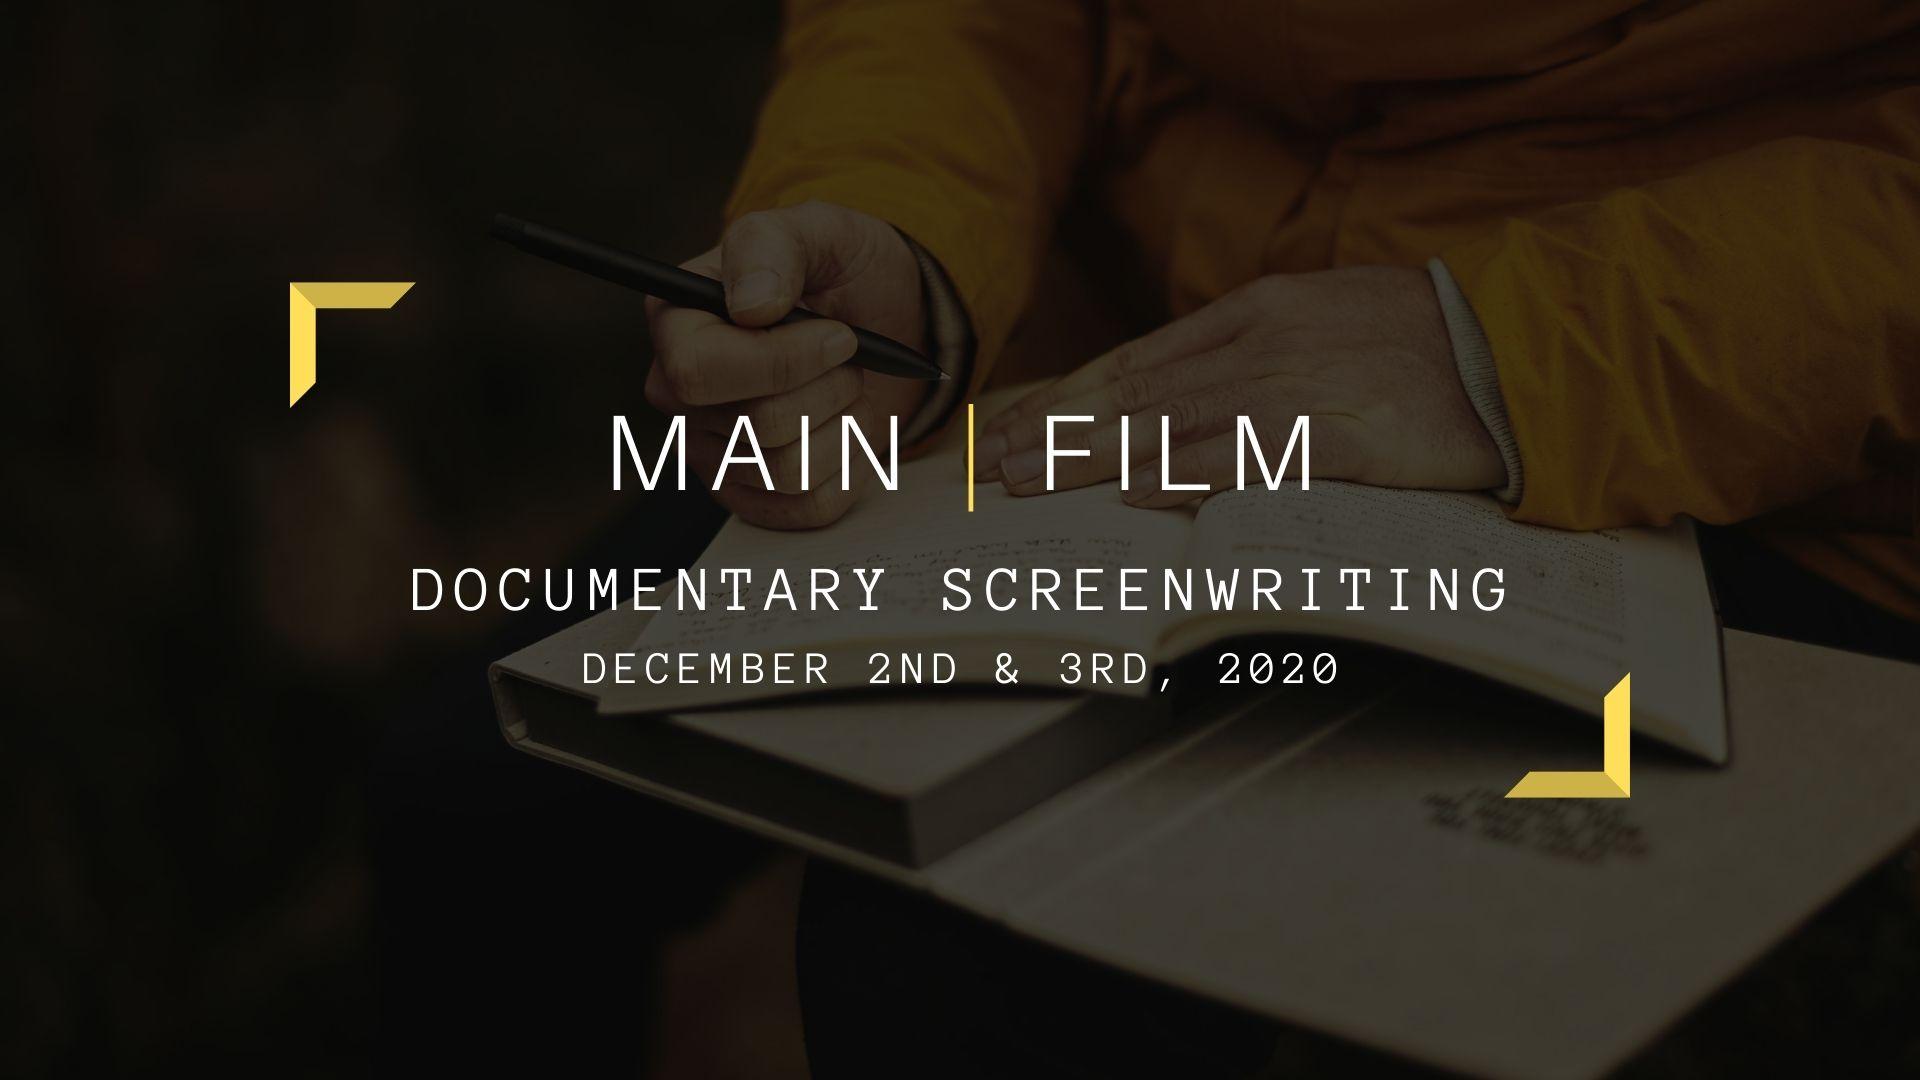 Documentary screenwriting | Online